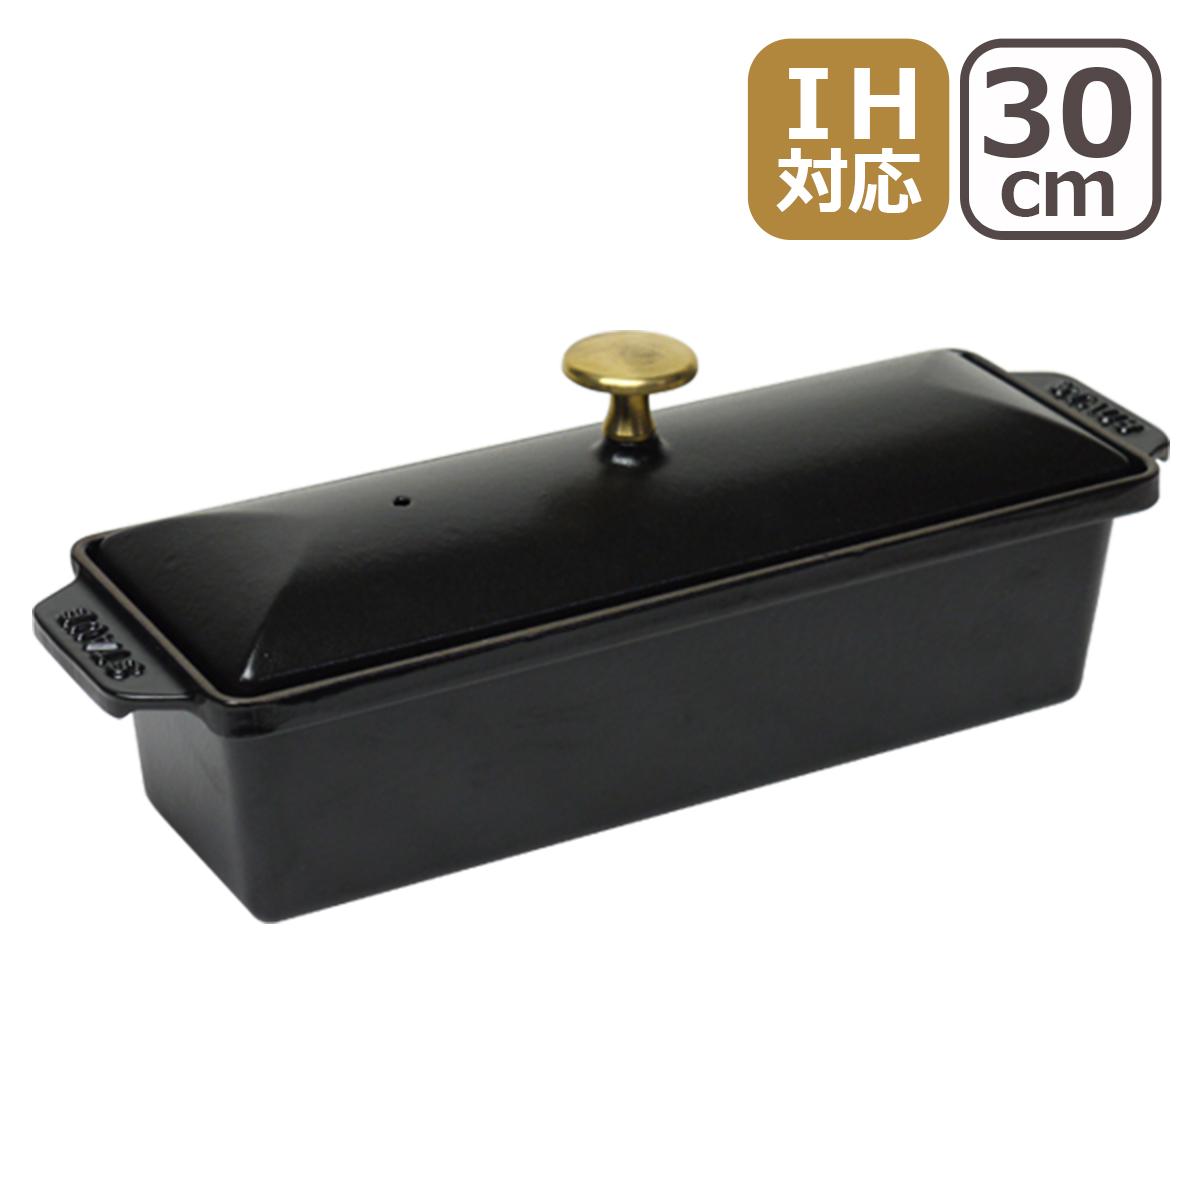 ストウブ STAUB テリーヌ 30x11cm ブラック Rectangular terrine 鍋 stb8101 優れた保温性と保冷性でデザートも ギフト・のし可